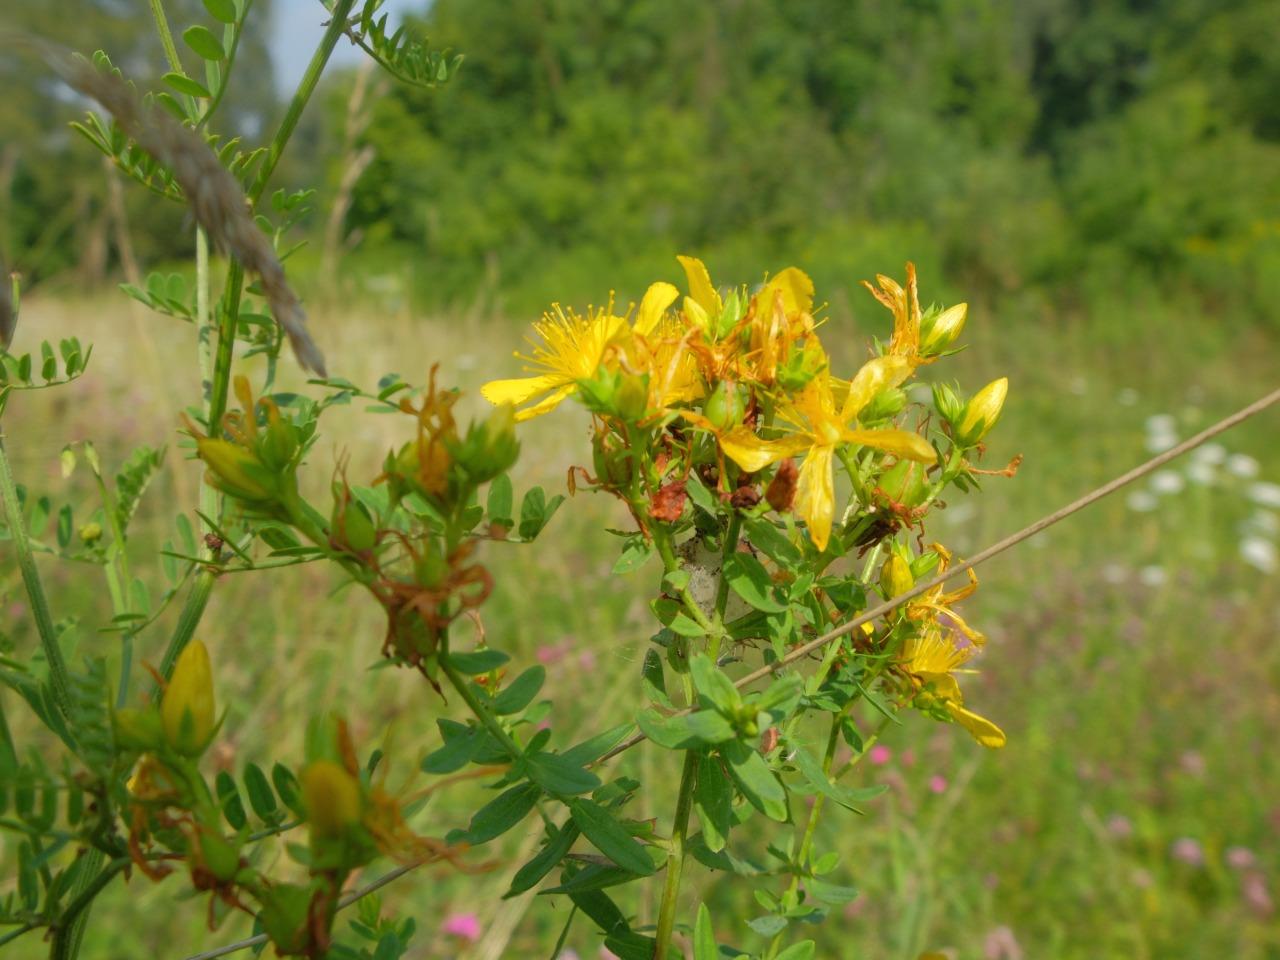 mangia minga // 'Wildkräuter: Foraging Wild Herbs' Johanniskraut - St John's wort